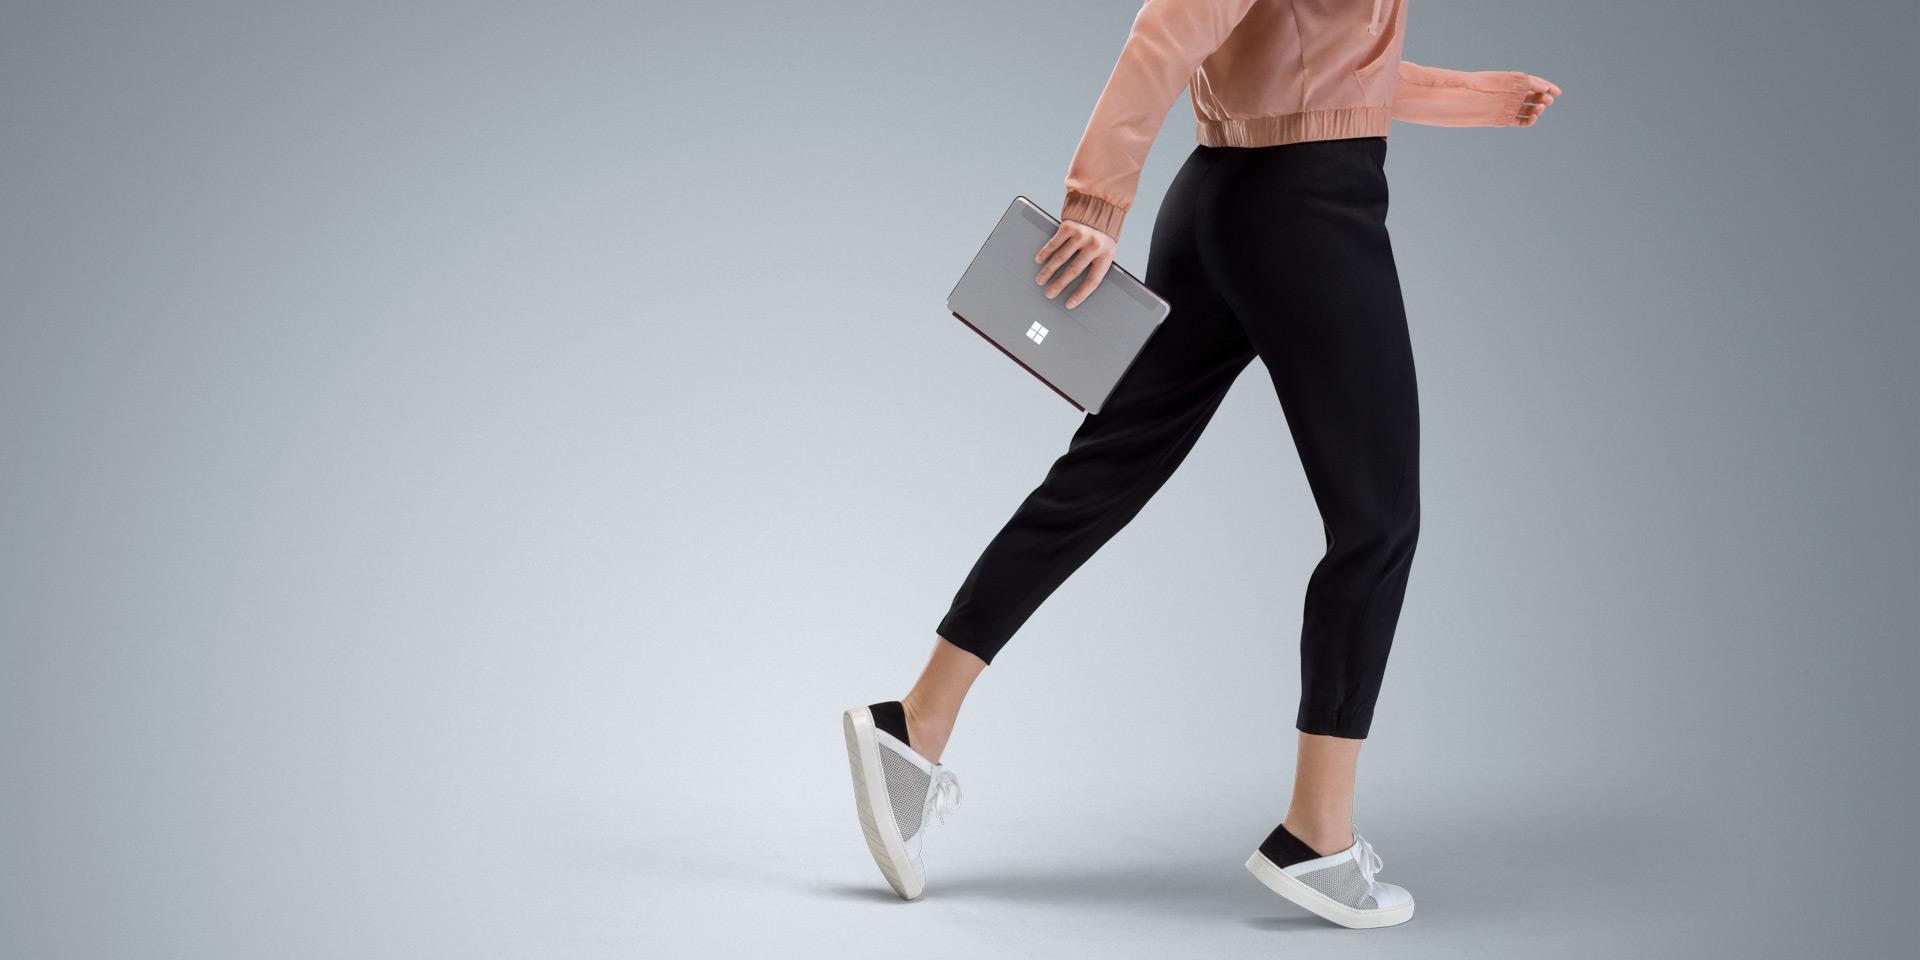 걷고 있는 여성의 손에 있는 Surface Go